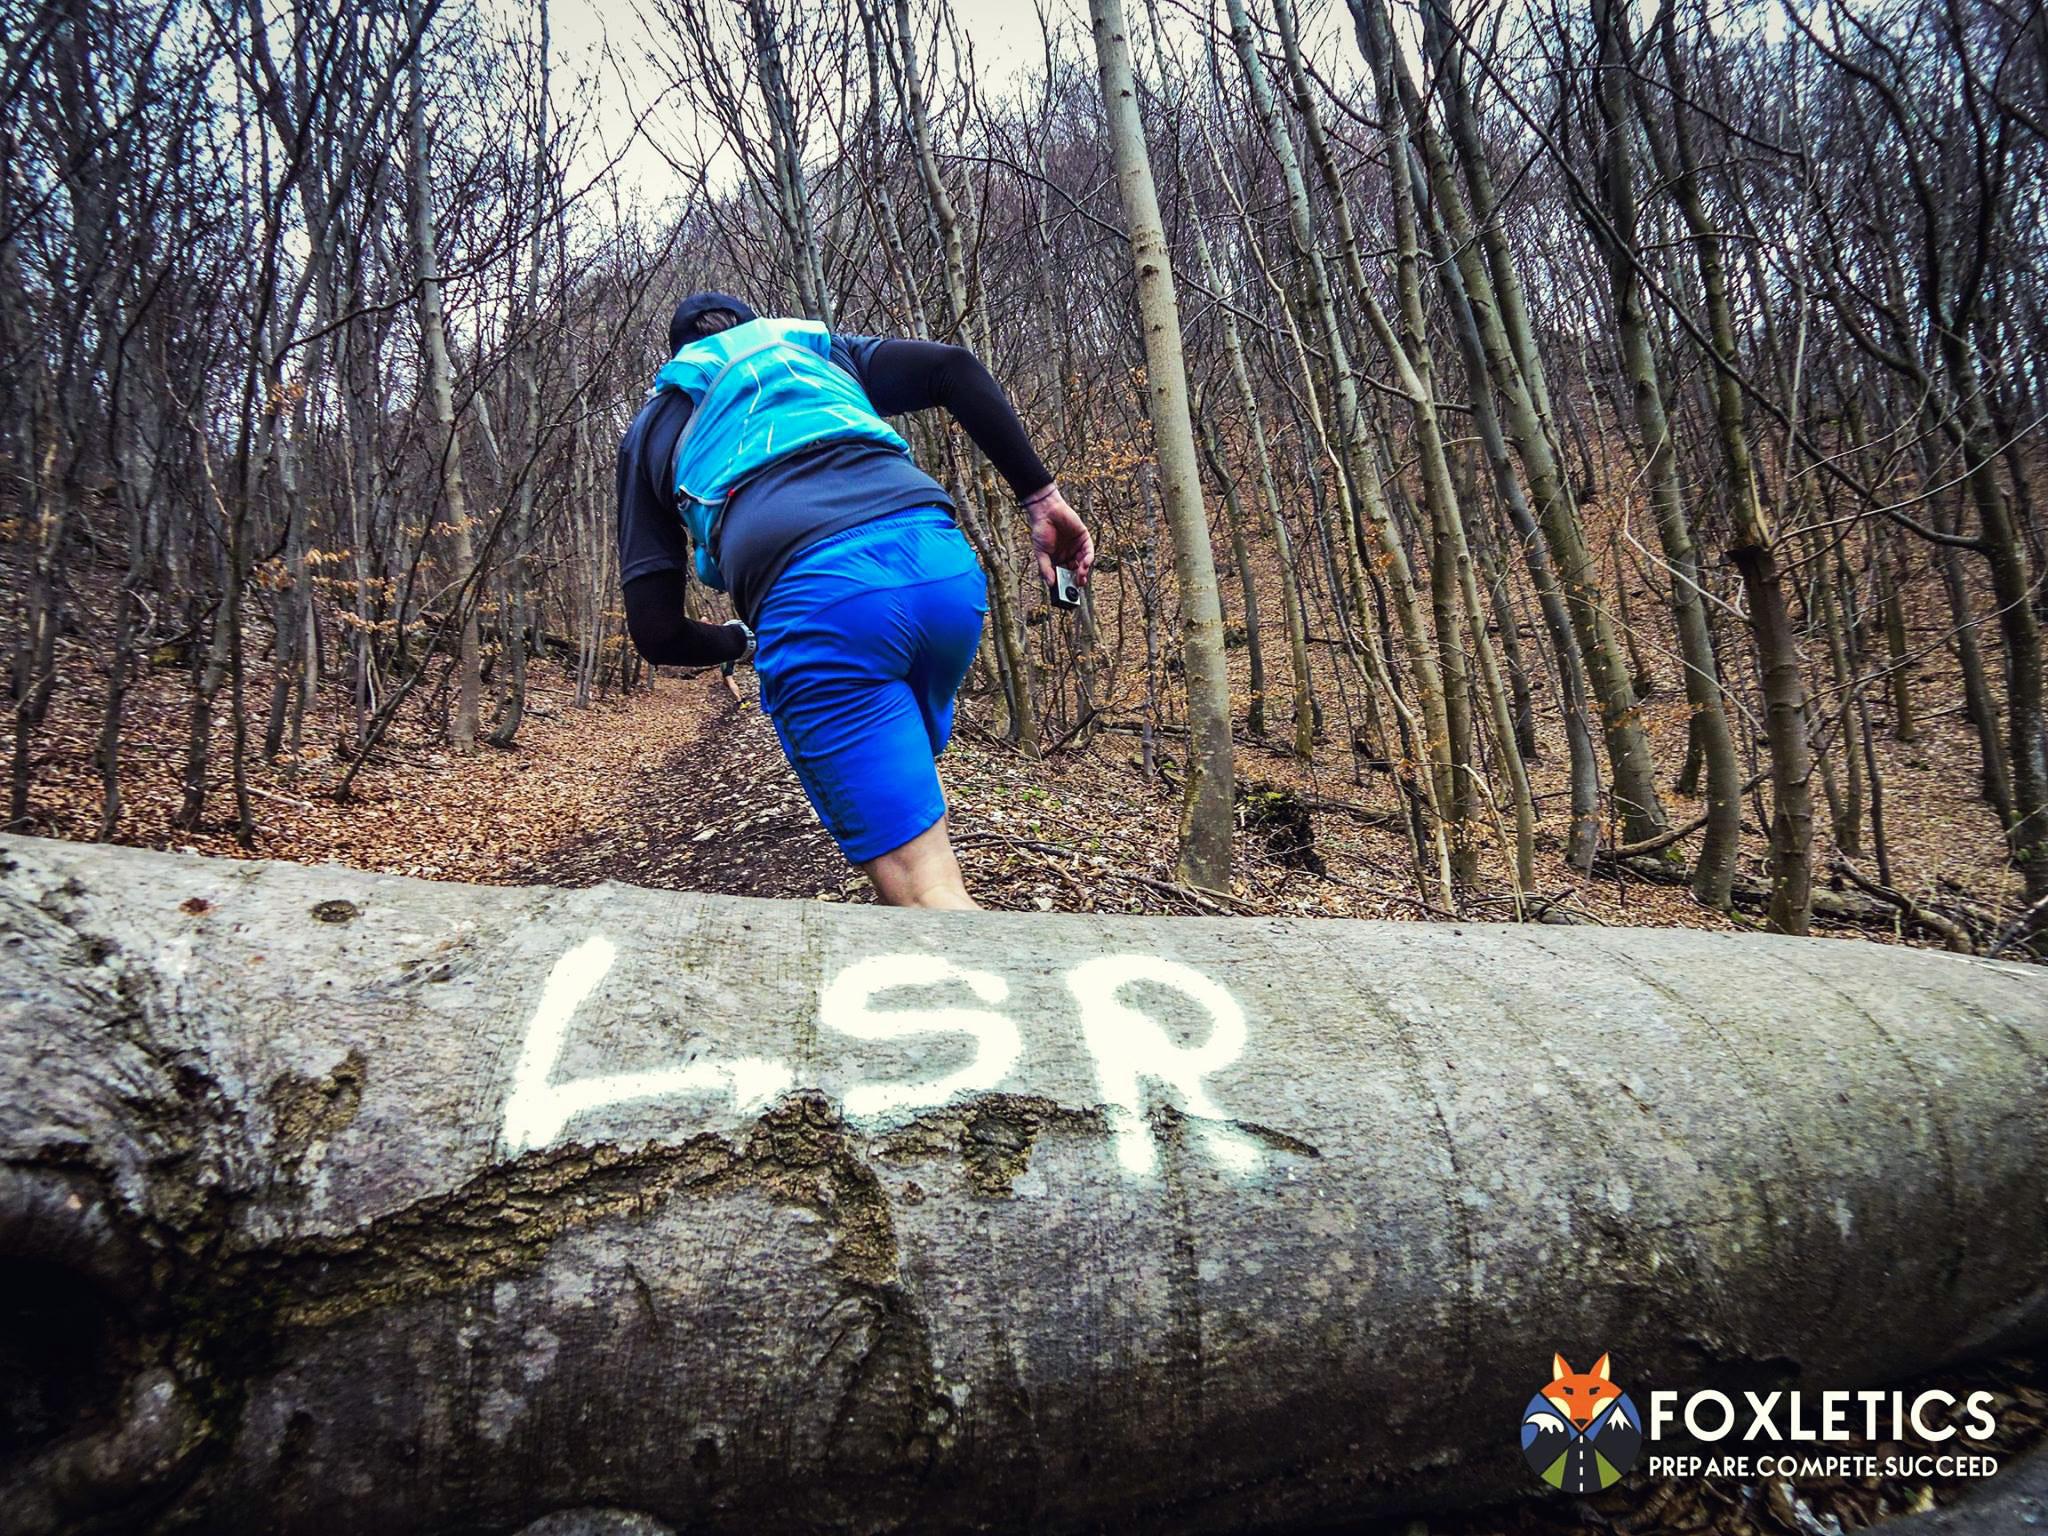 Bild: © Foxletics, www.foxletics.de